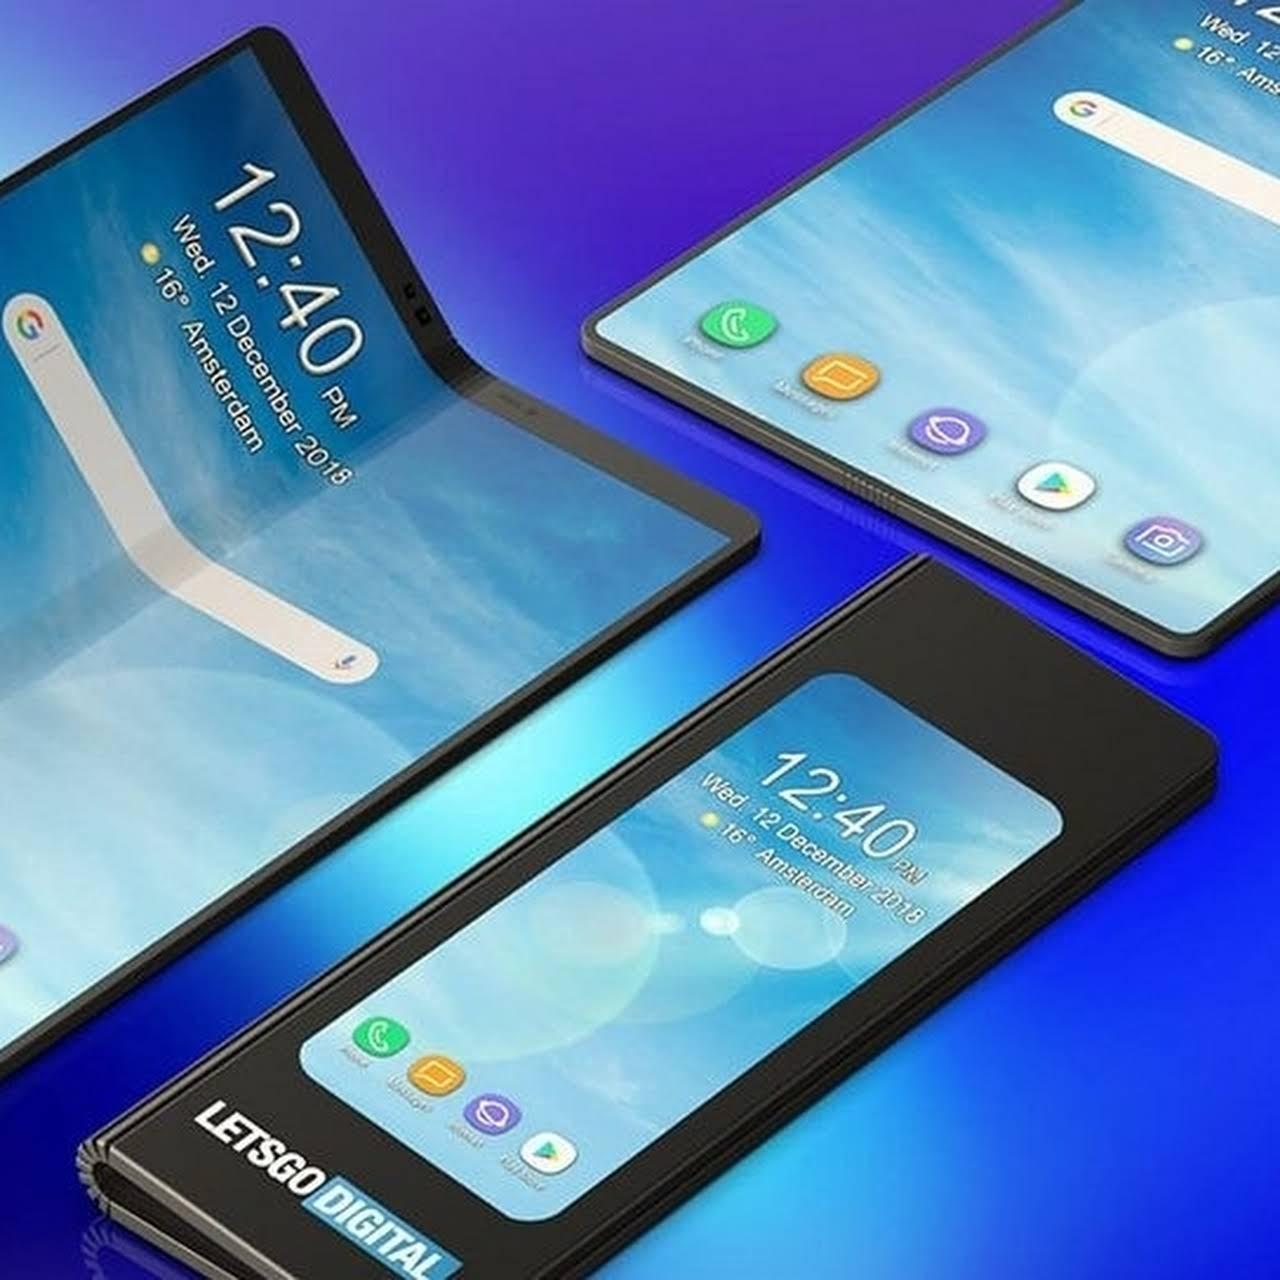 Digicom mobile